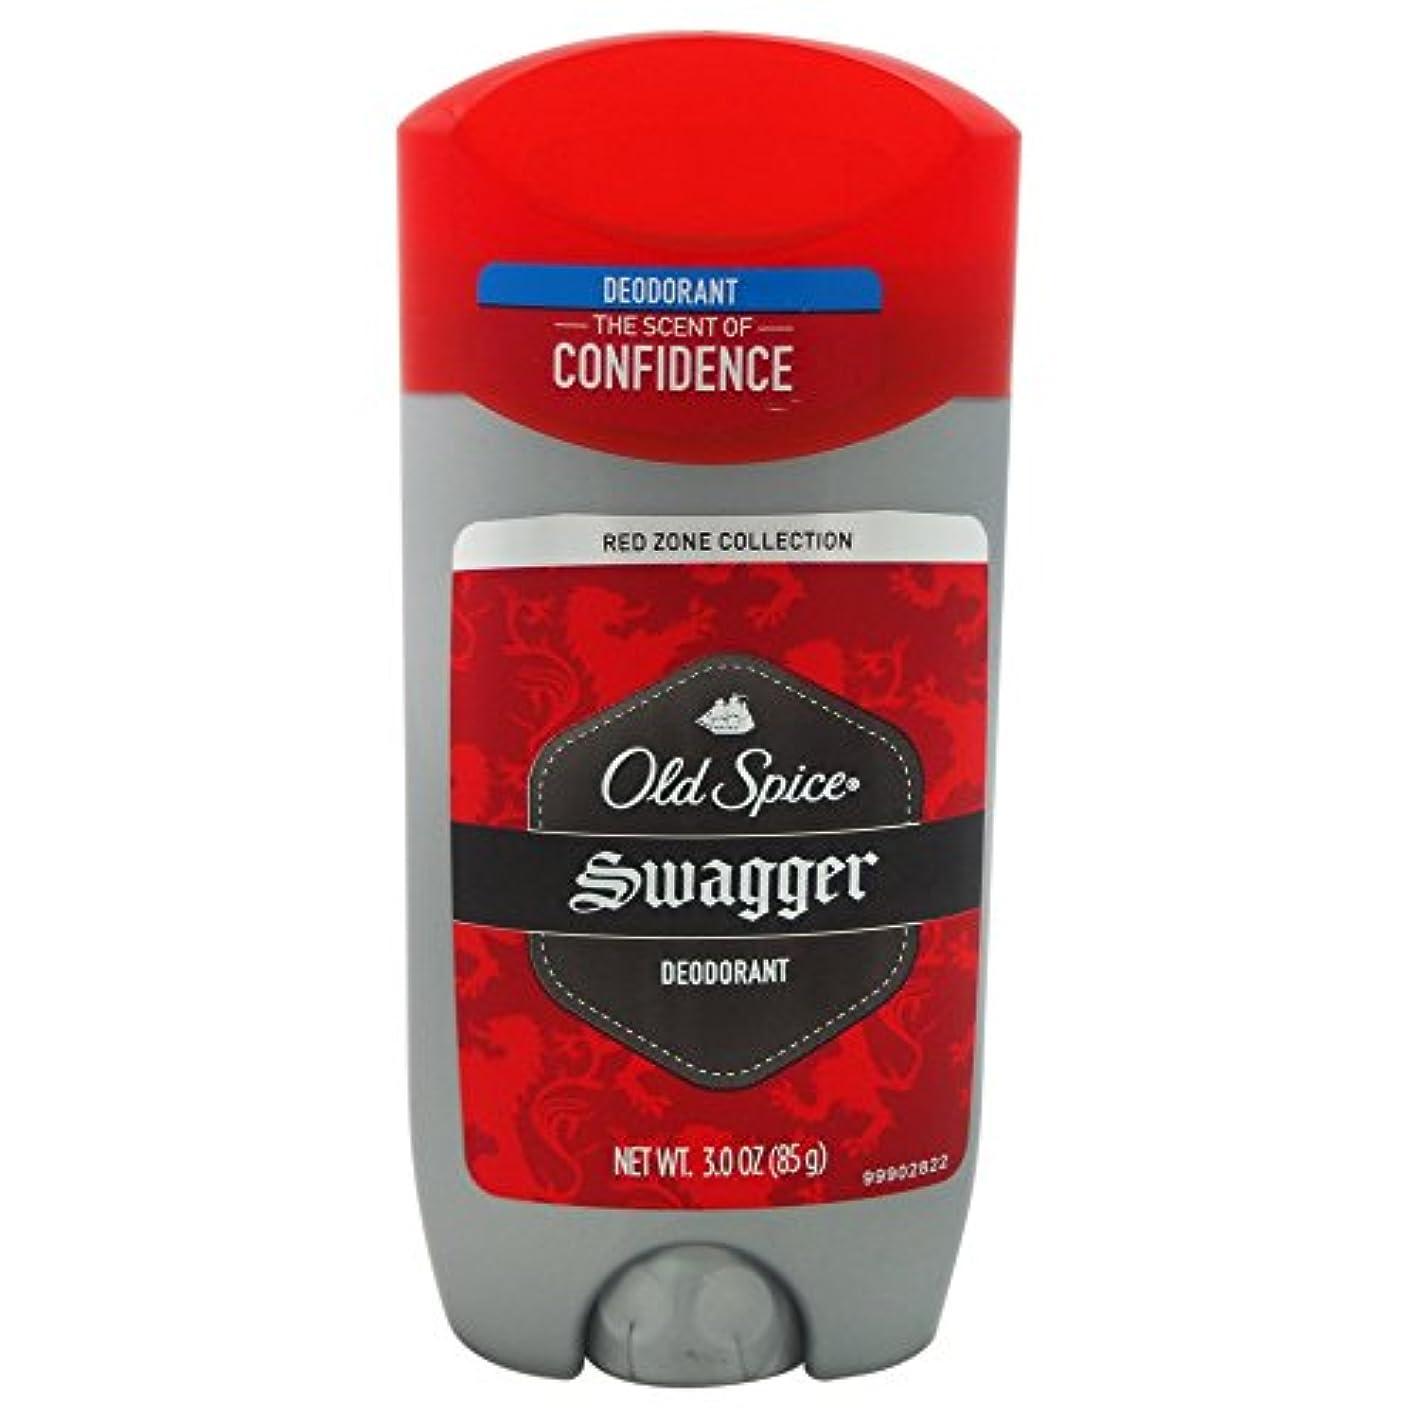 シプリー繁栄する簡単にオールドスパイス(Old Spice) RED ZONE COLLECTION スワッガー デオドラント 85g[並行輸入品]